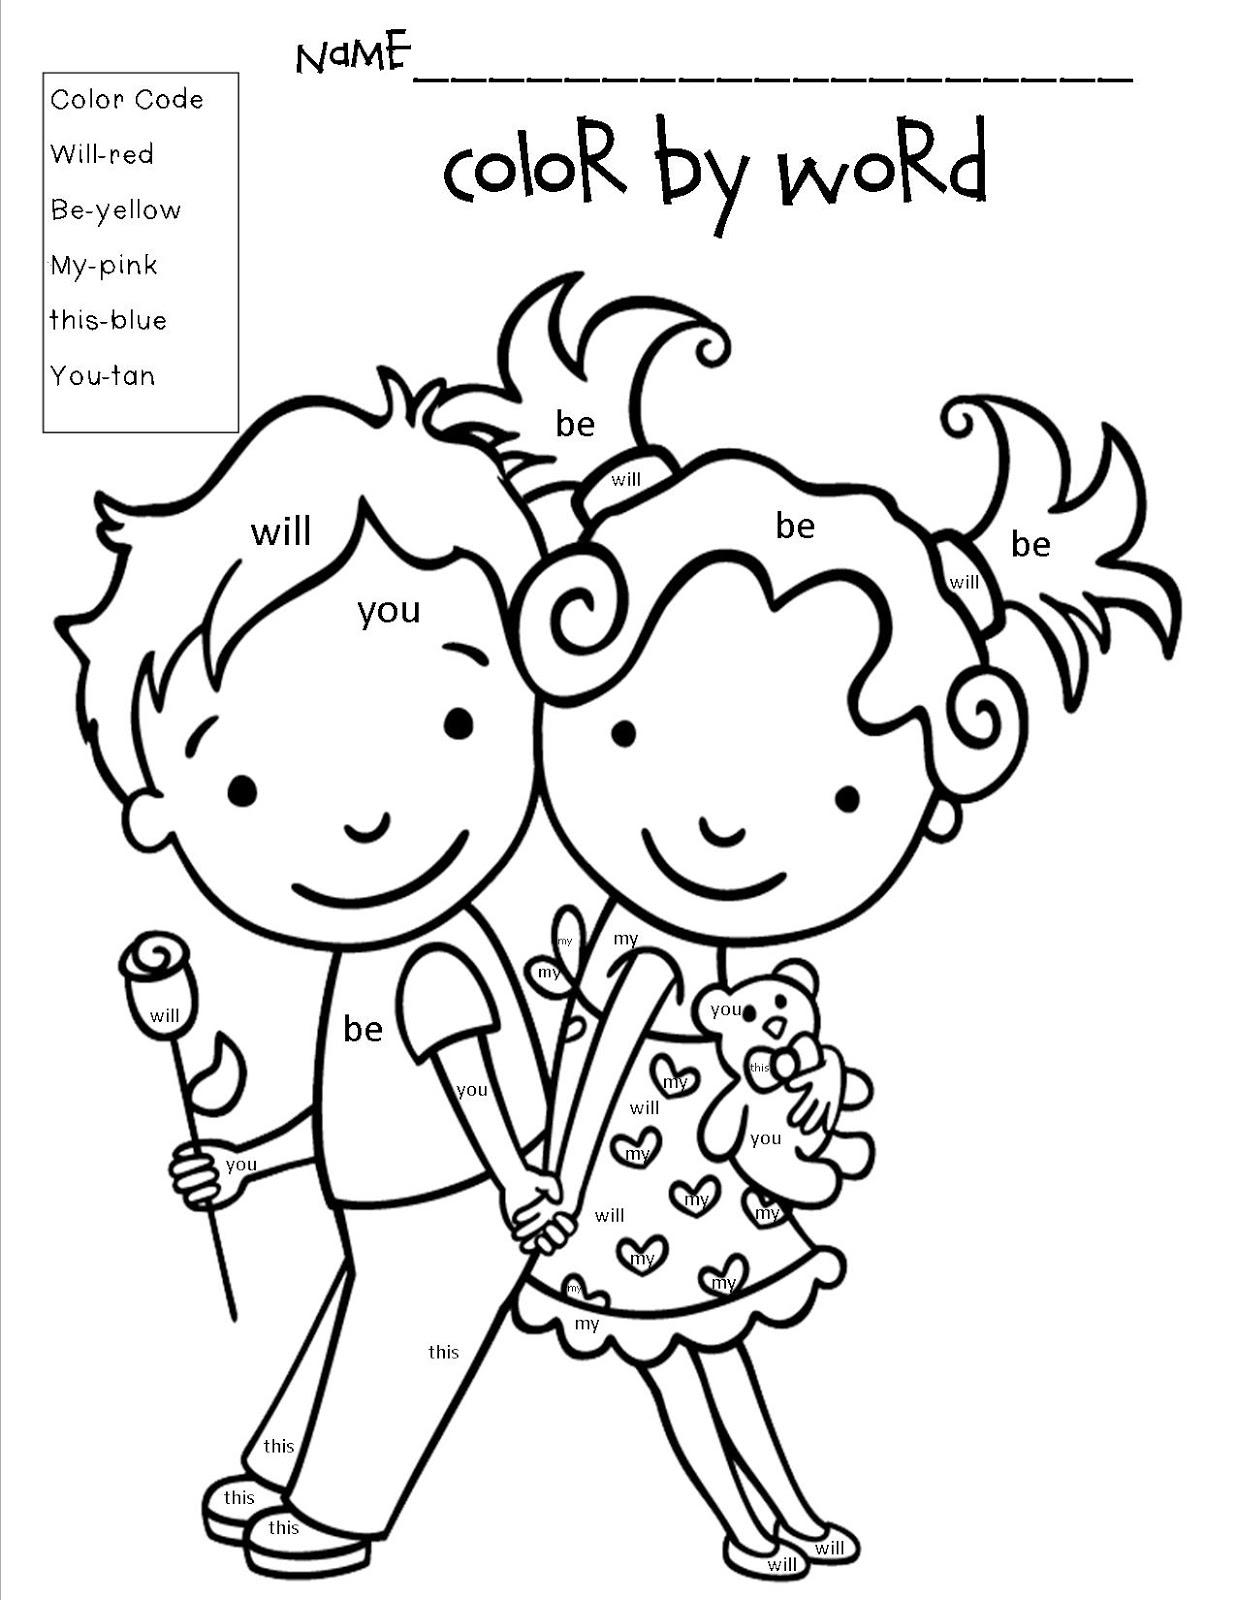 Mrs Bohaty 39 s Kindergarten Kingdom Valentine 39 s Day Freebies